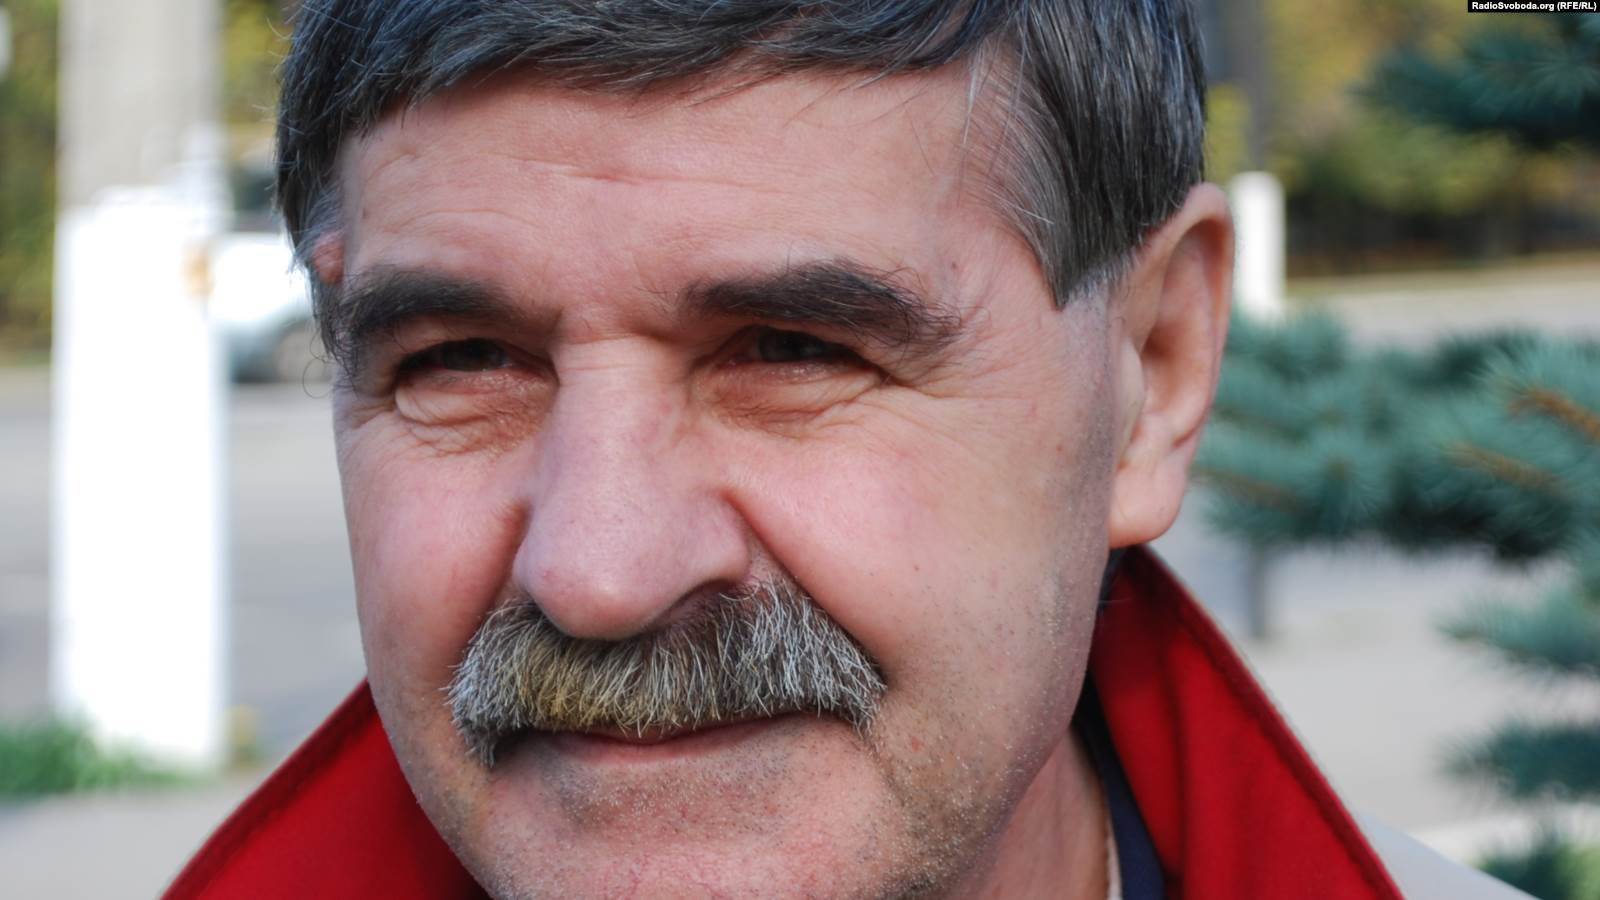 Василий Голобородько, наши дни. До войны на Донбассе поэт жил в Луганске, но в 2014-м был вынужден стать переселенцем